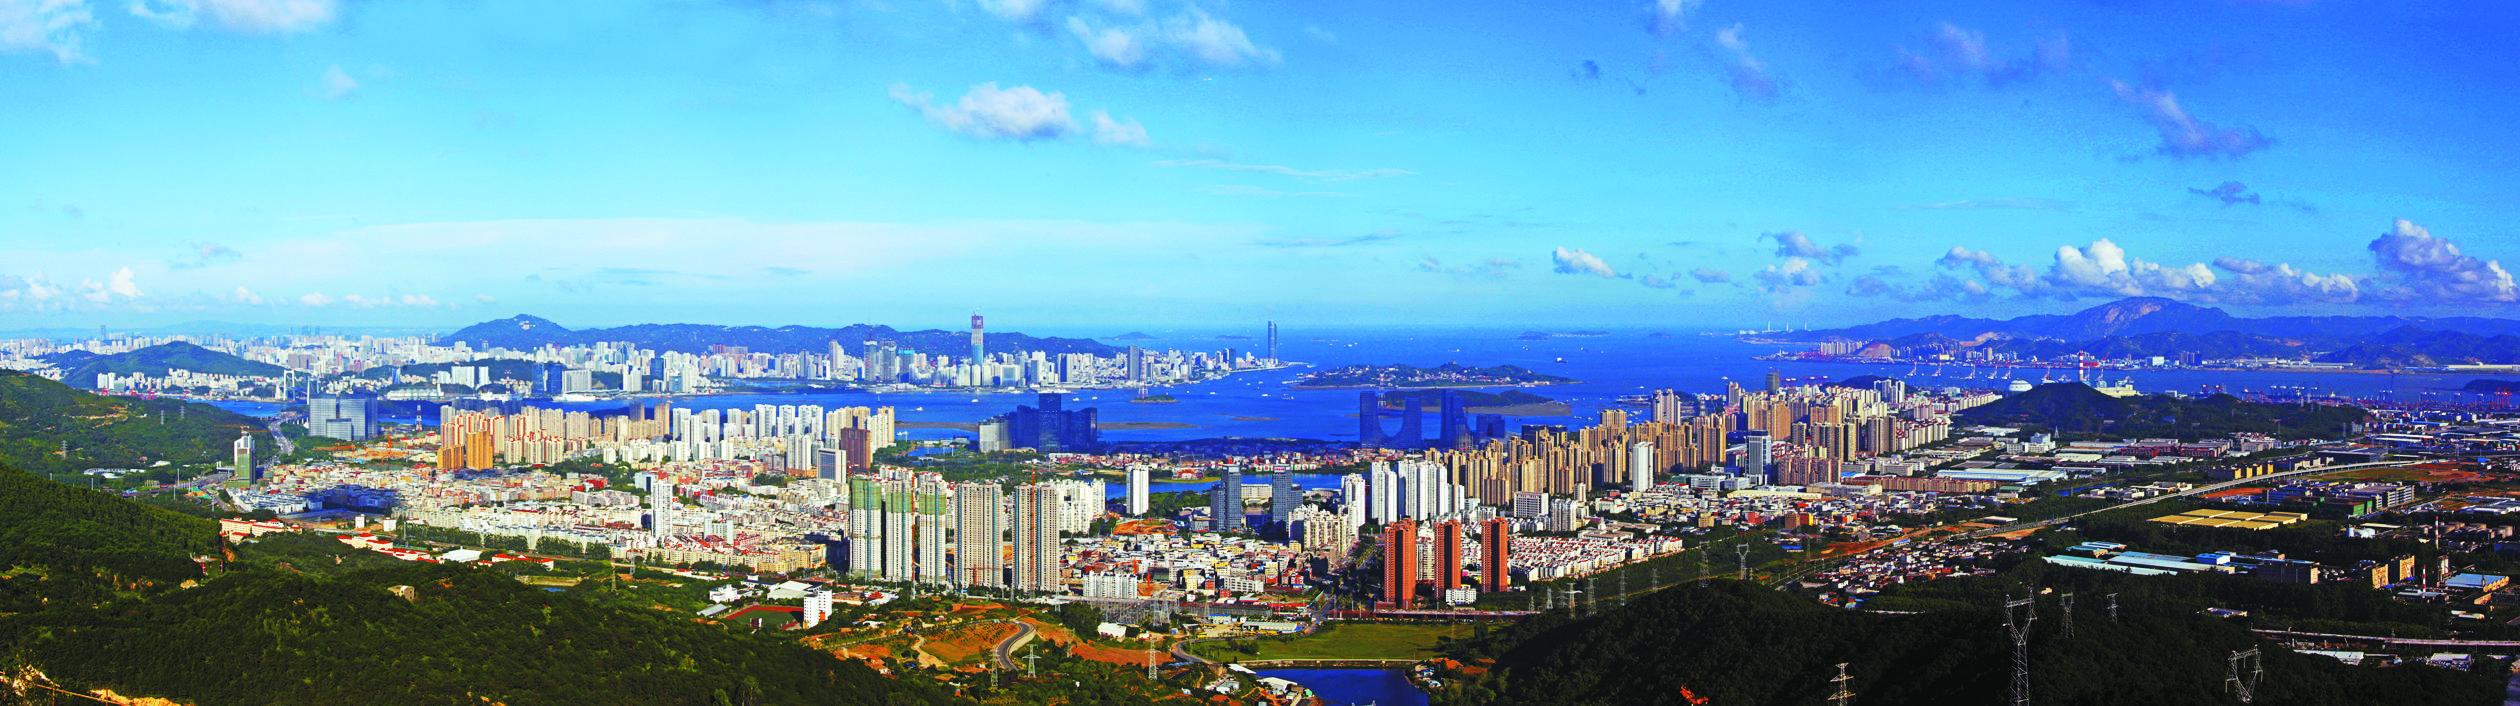 厦门海沧:打造自贸时代改革开放新高地